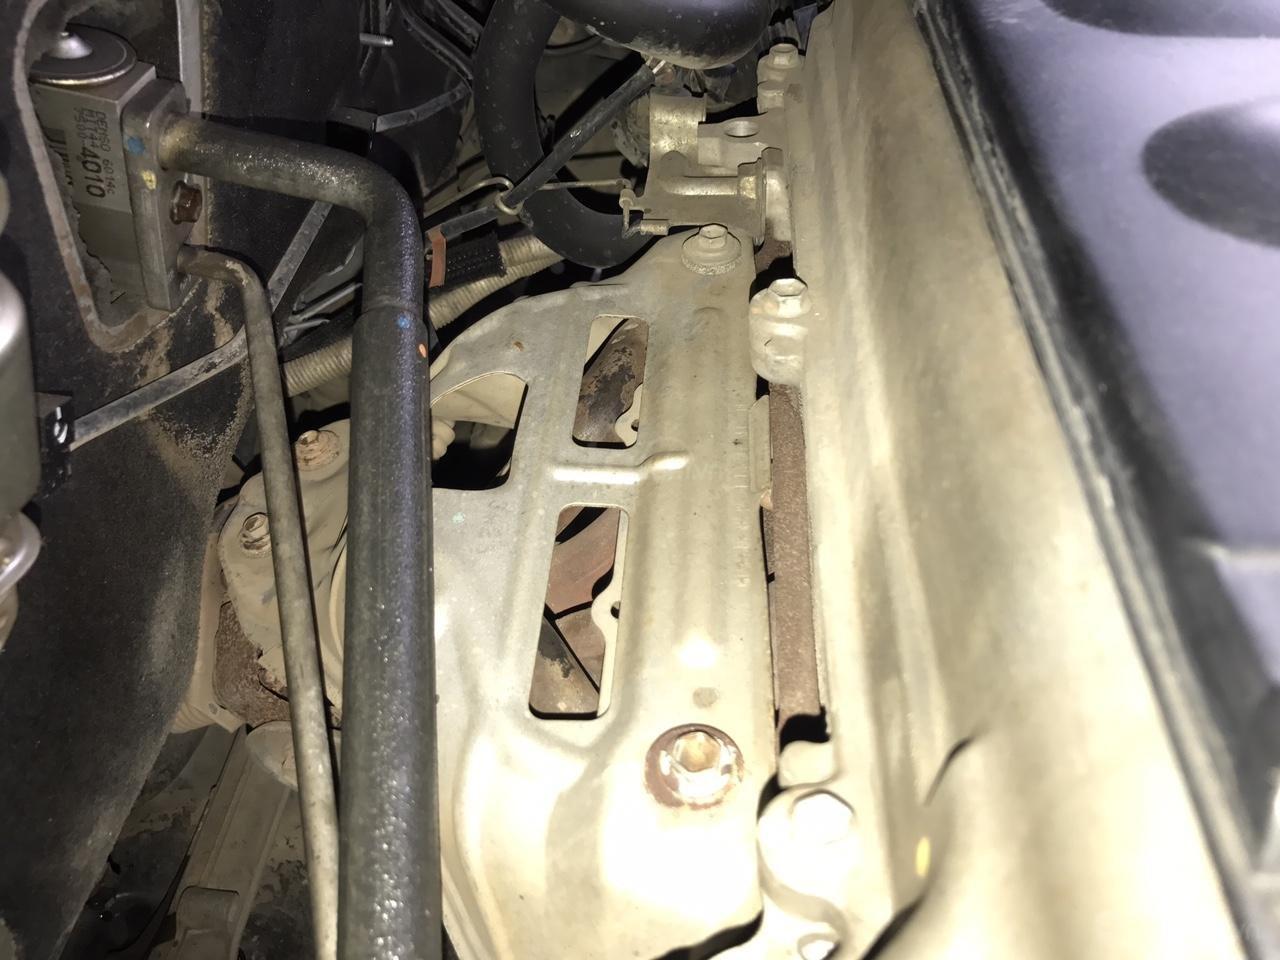 Bán Toyota Vios 1.5 E đời 2013, màu bạc, 380 triệu. Nói không với Limo taxi-10